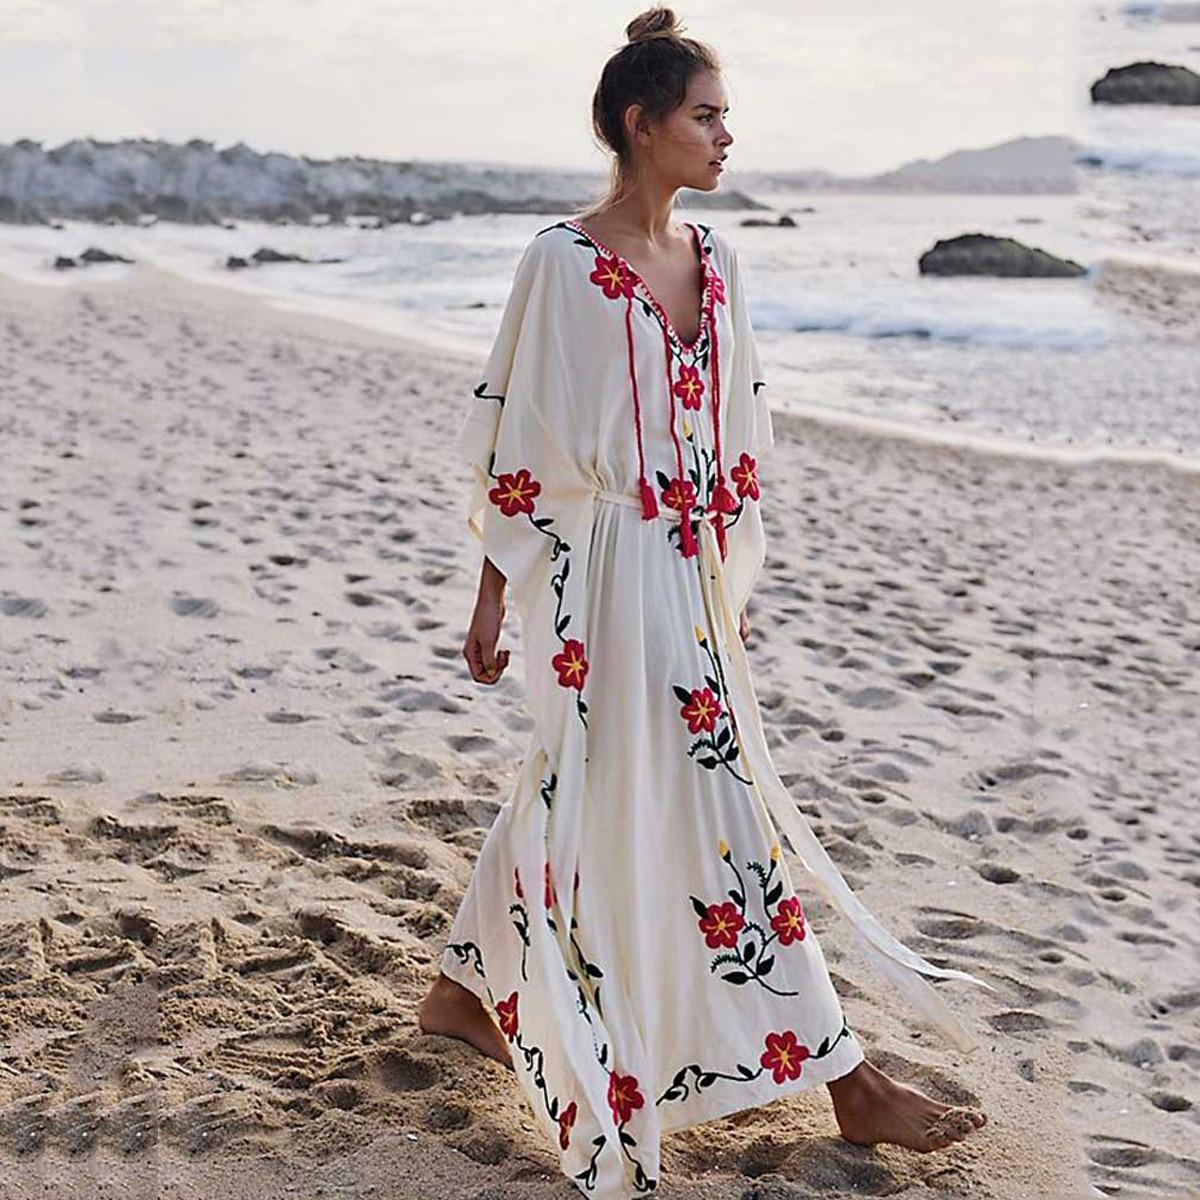 Jastie Boho Floral brodé caftan femmes robe col en v avec glands robe d'été surdimensionné manches chauve-souris maillot de bain robe de plage